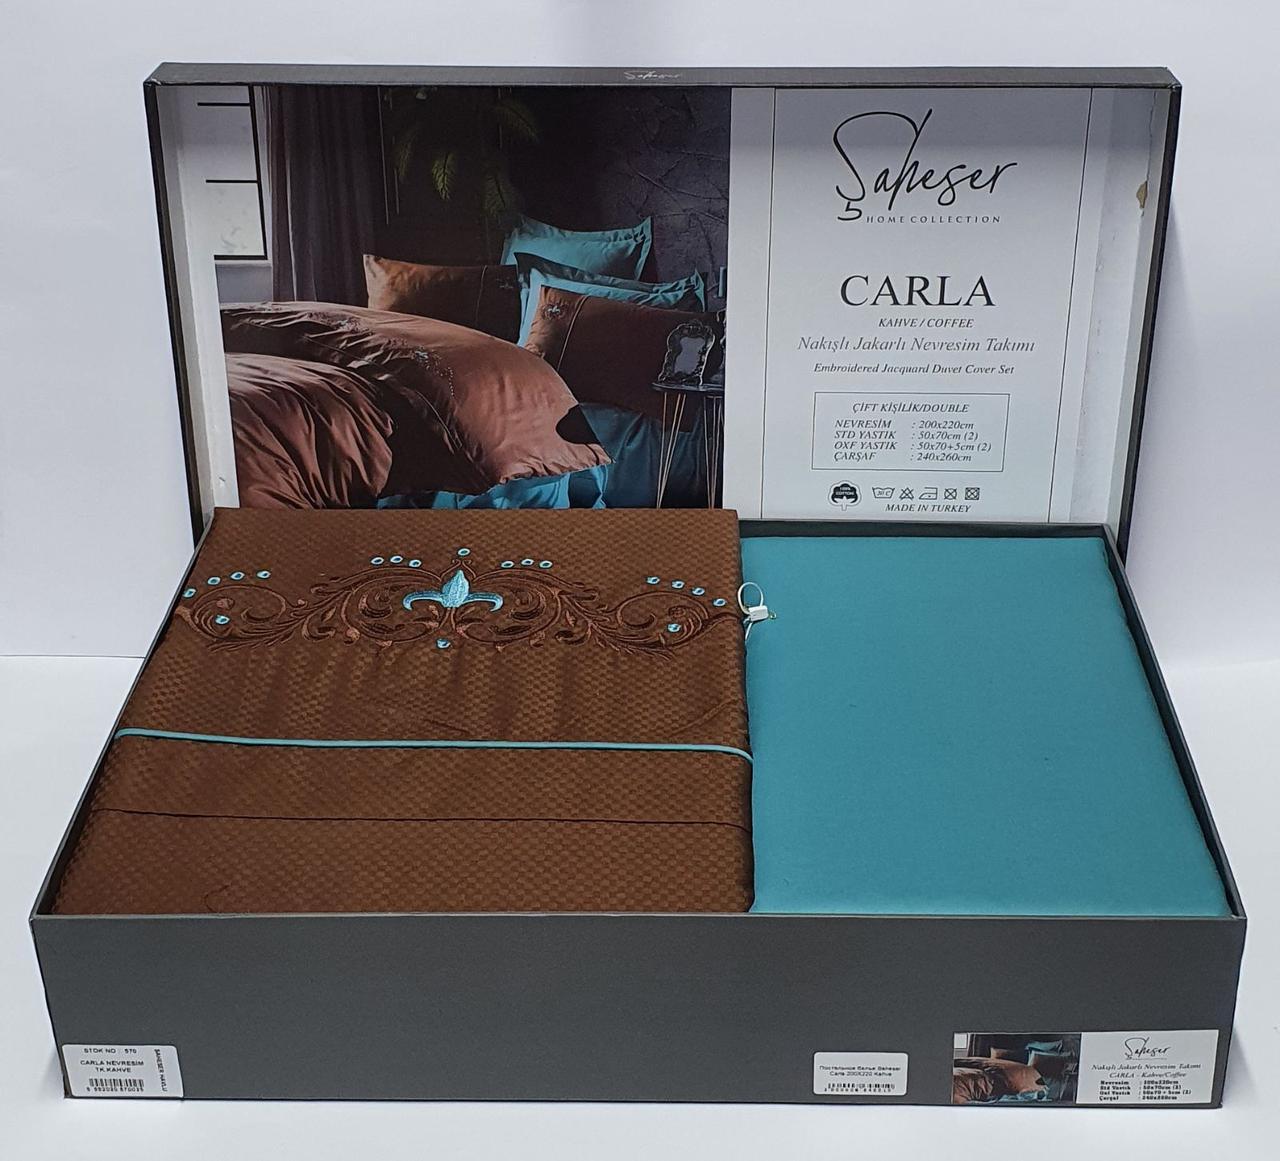 Постельное белье Saheser Carla 200X220 Kahve